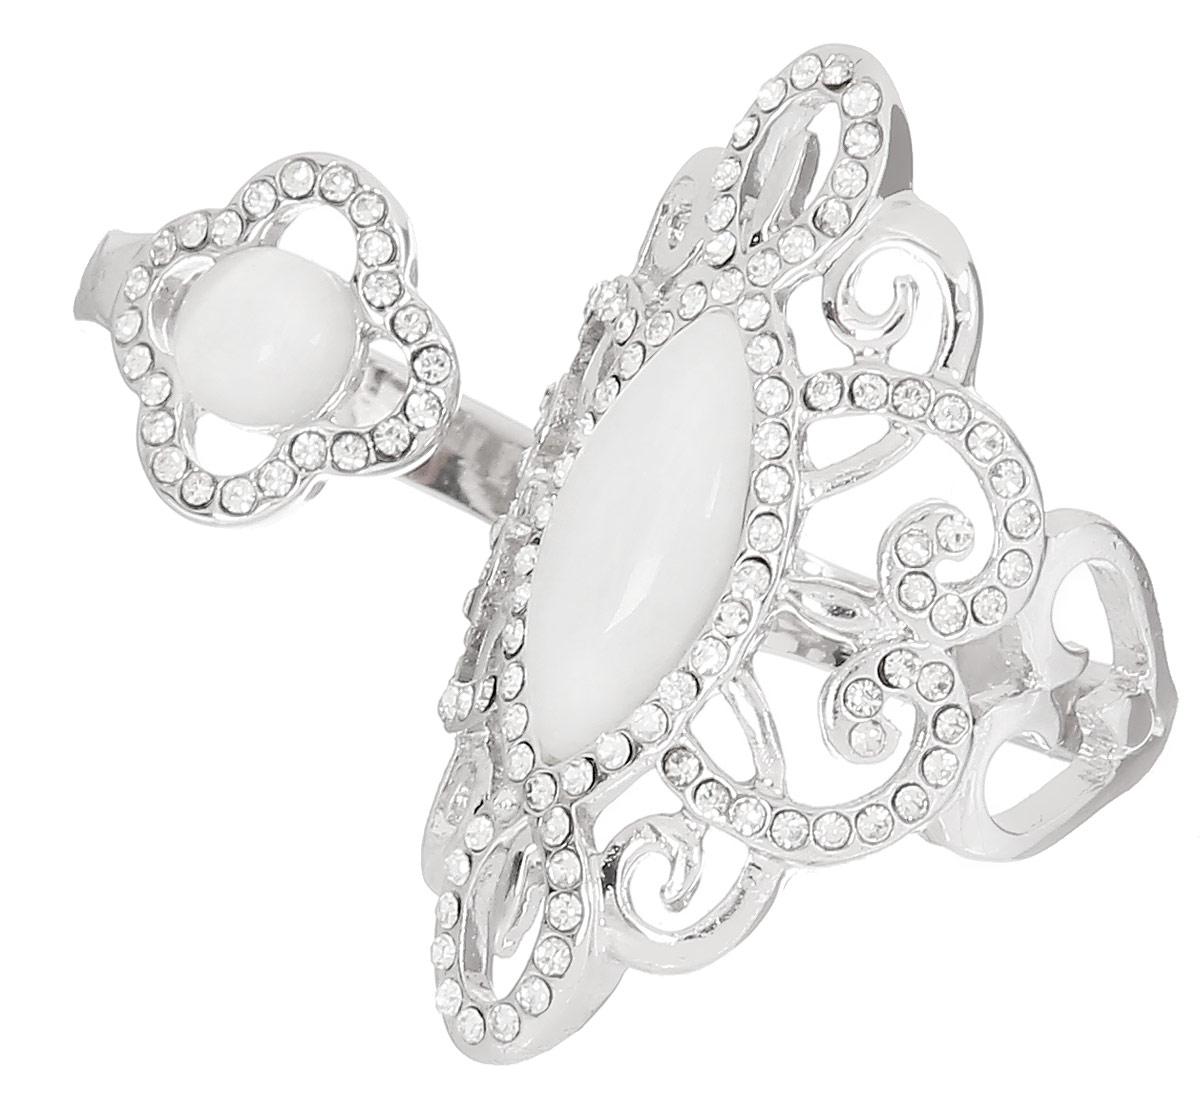 Кольцо на два пальца Art-Silver, цвет: серебристый. 069016-1319. Размер 18,5069016-1319Стильное кольцо на два пальца Art-Silver изготовлено из бижутерного сплава. Изделие надевается на два соседних пальца. Изделие оформлено мелкими цирконами и натуральным камнем кошачий глаз. Стильное кольцо придаст вашему образу изюминку и подчеркнет индивидуальность.